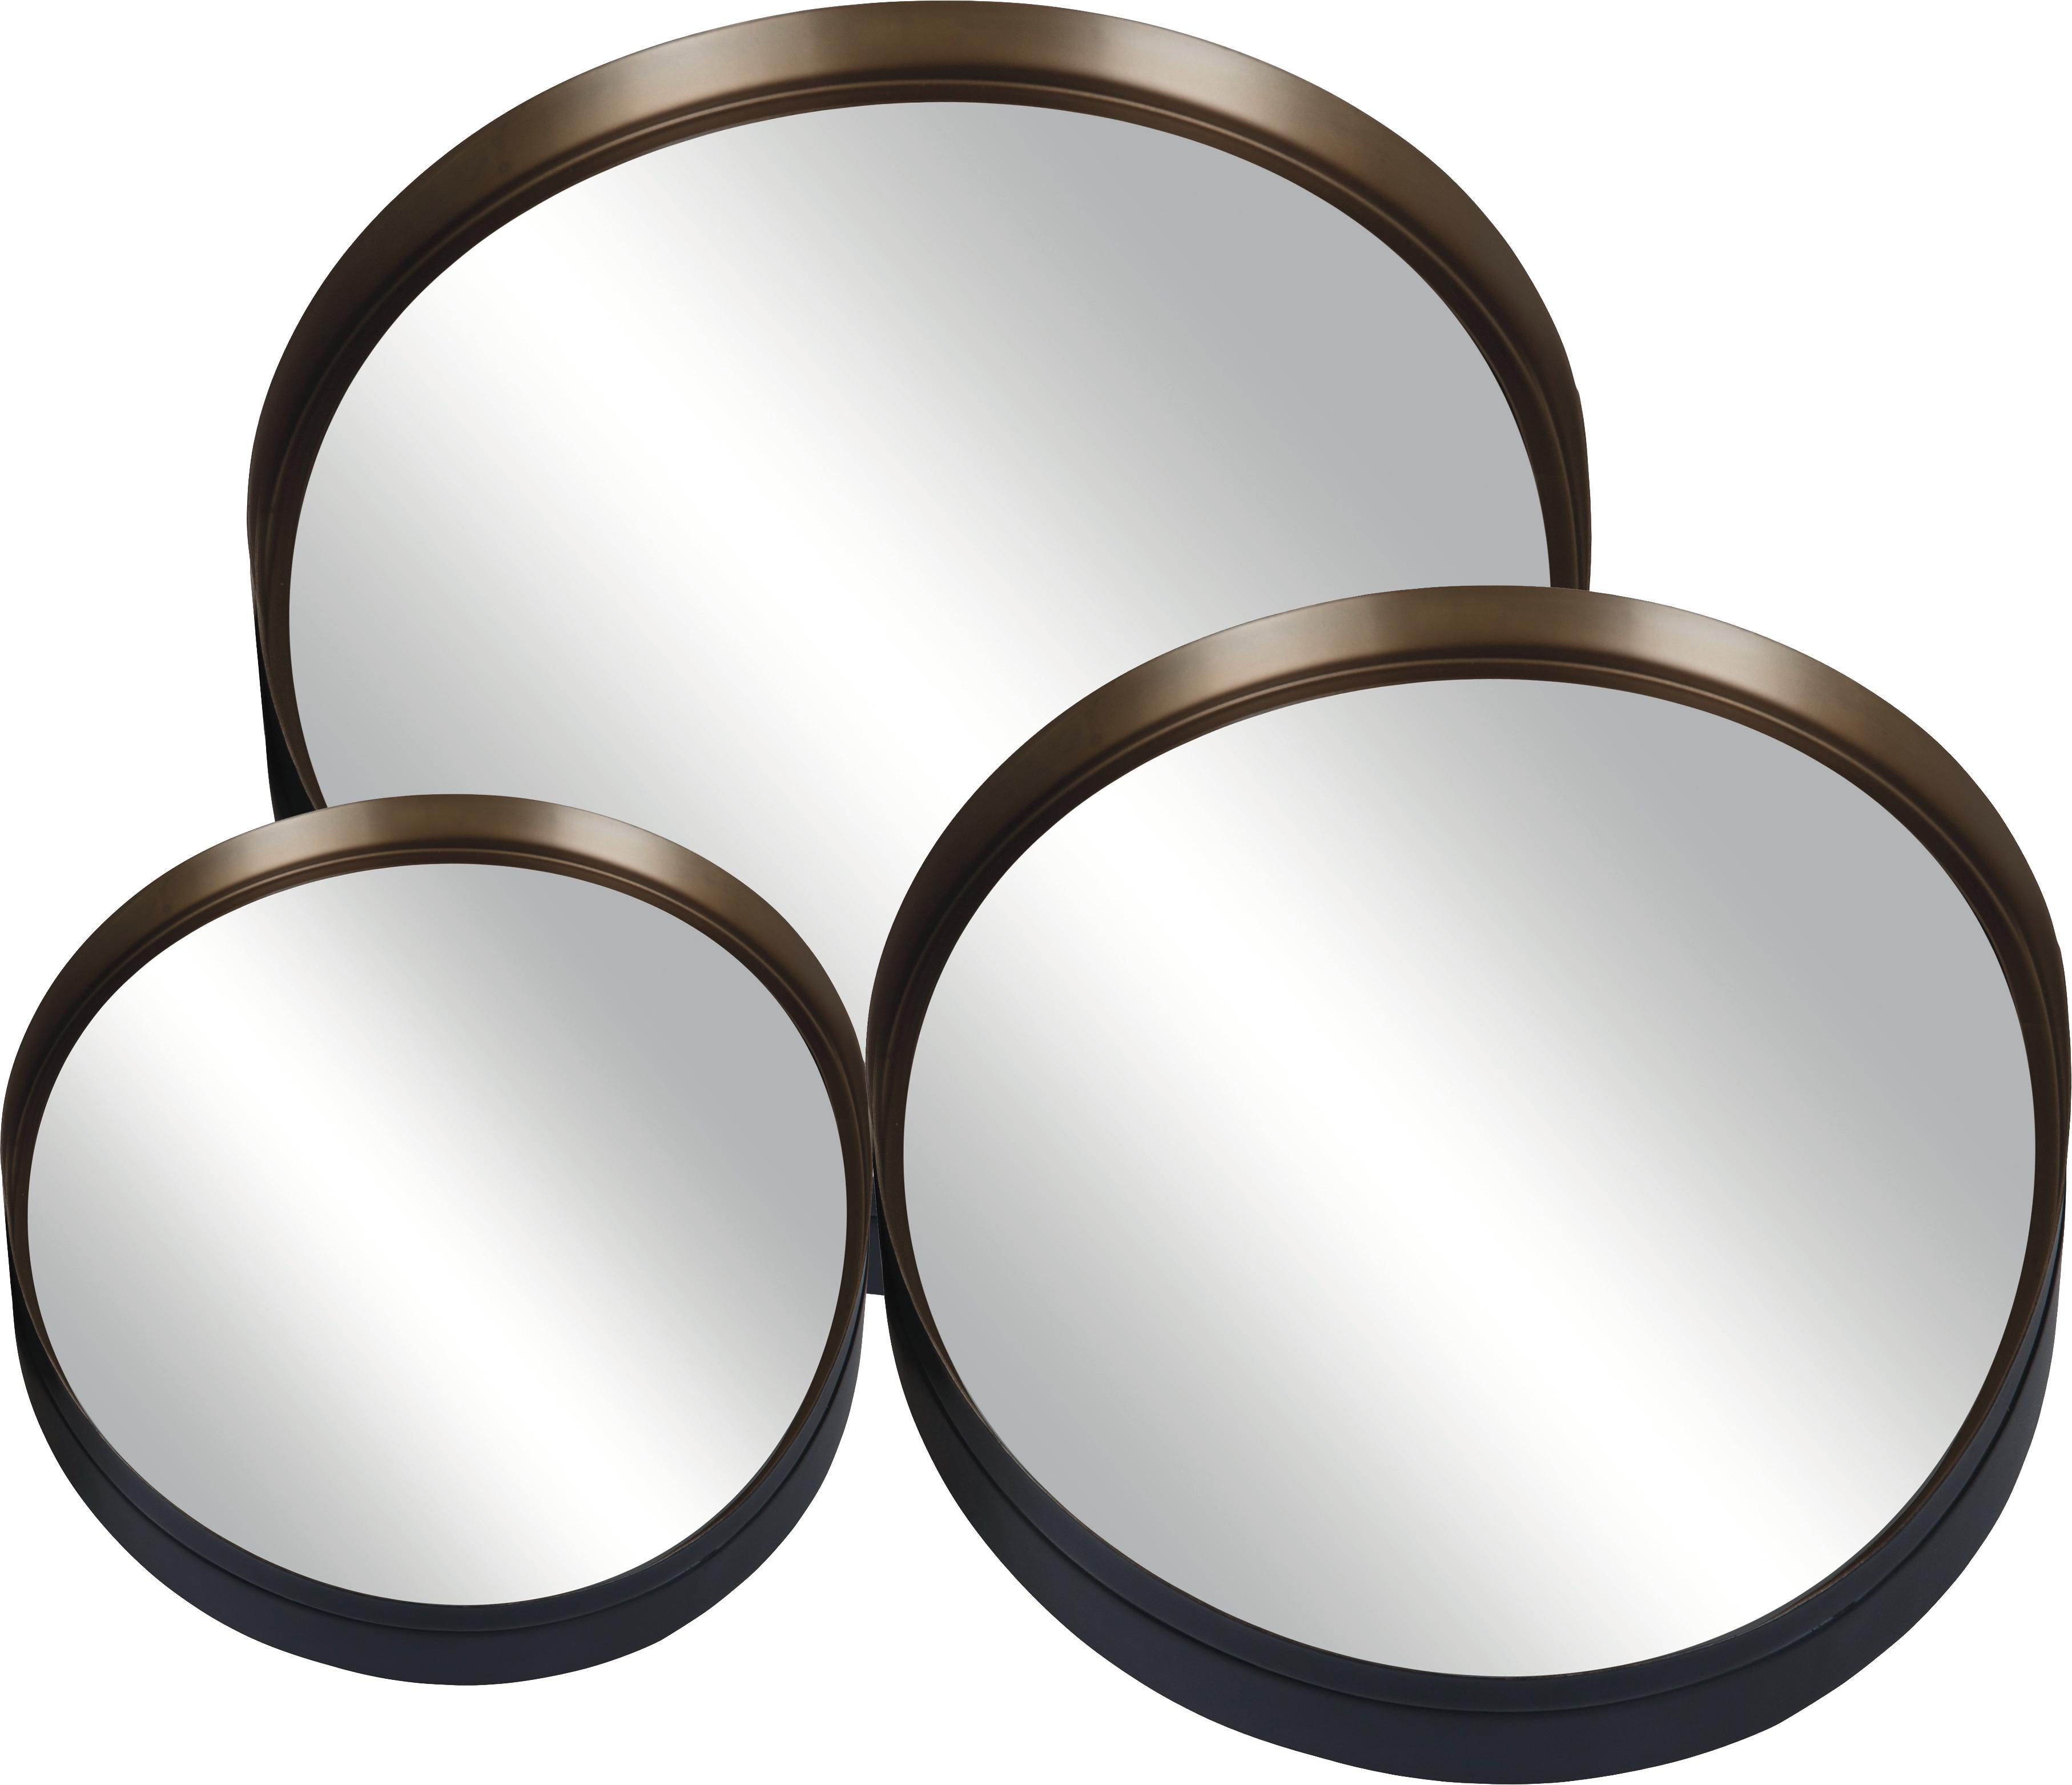 Rundes Wandspiegel-Set Dolce mit schwarzem Rahmen, 3-tlg., Spiegelfläche: Spiegelglas, Schwarz, Sondergrößen